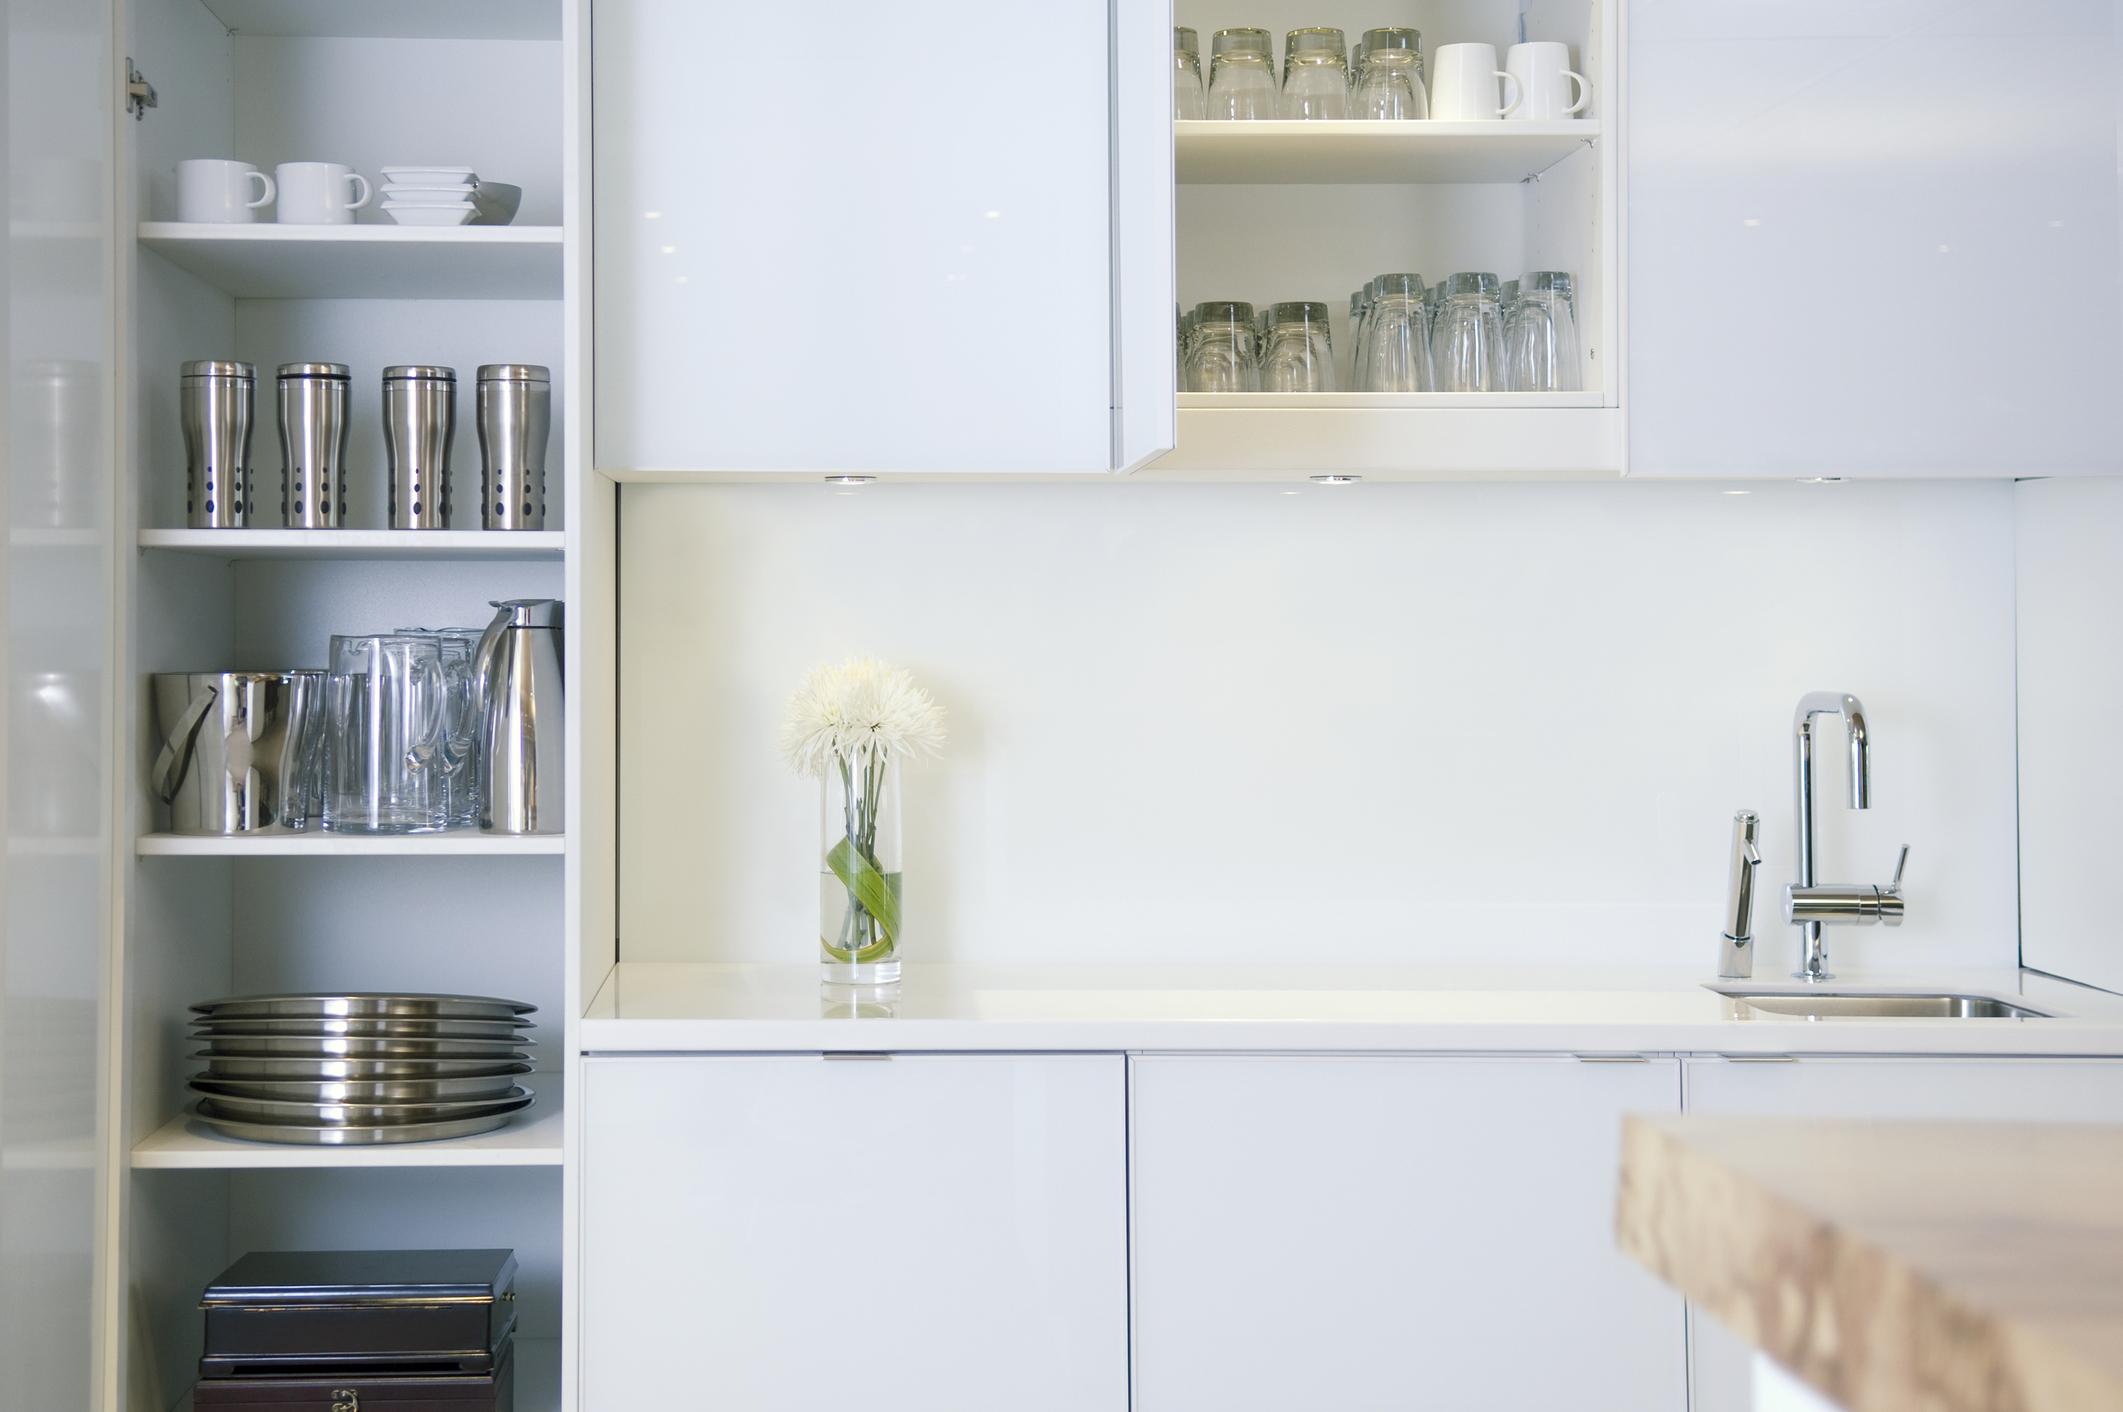 Stunning Parete Attrezzata Cucina Ideas - Home Ideas - tyger.us